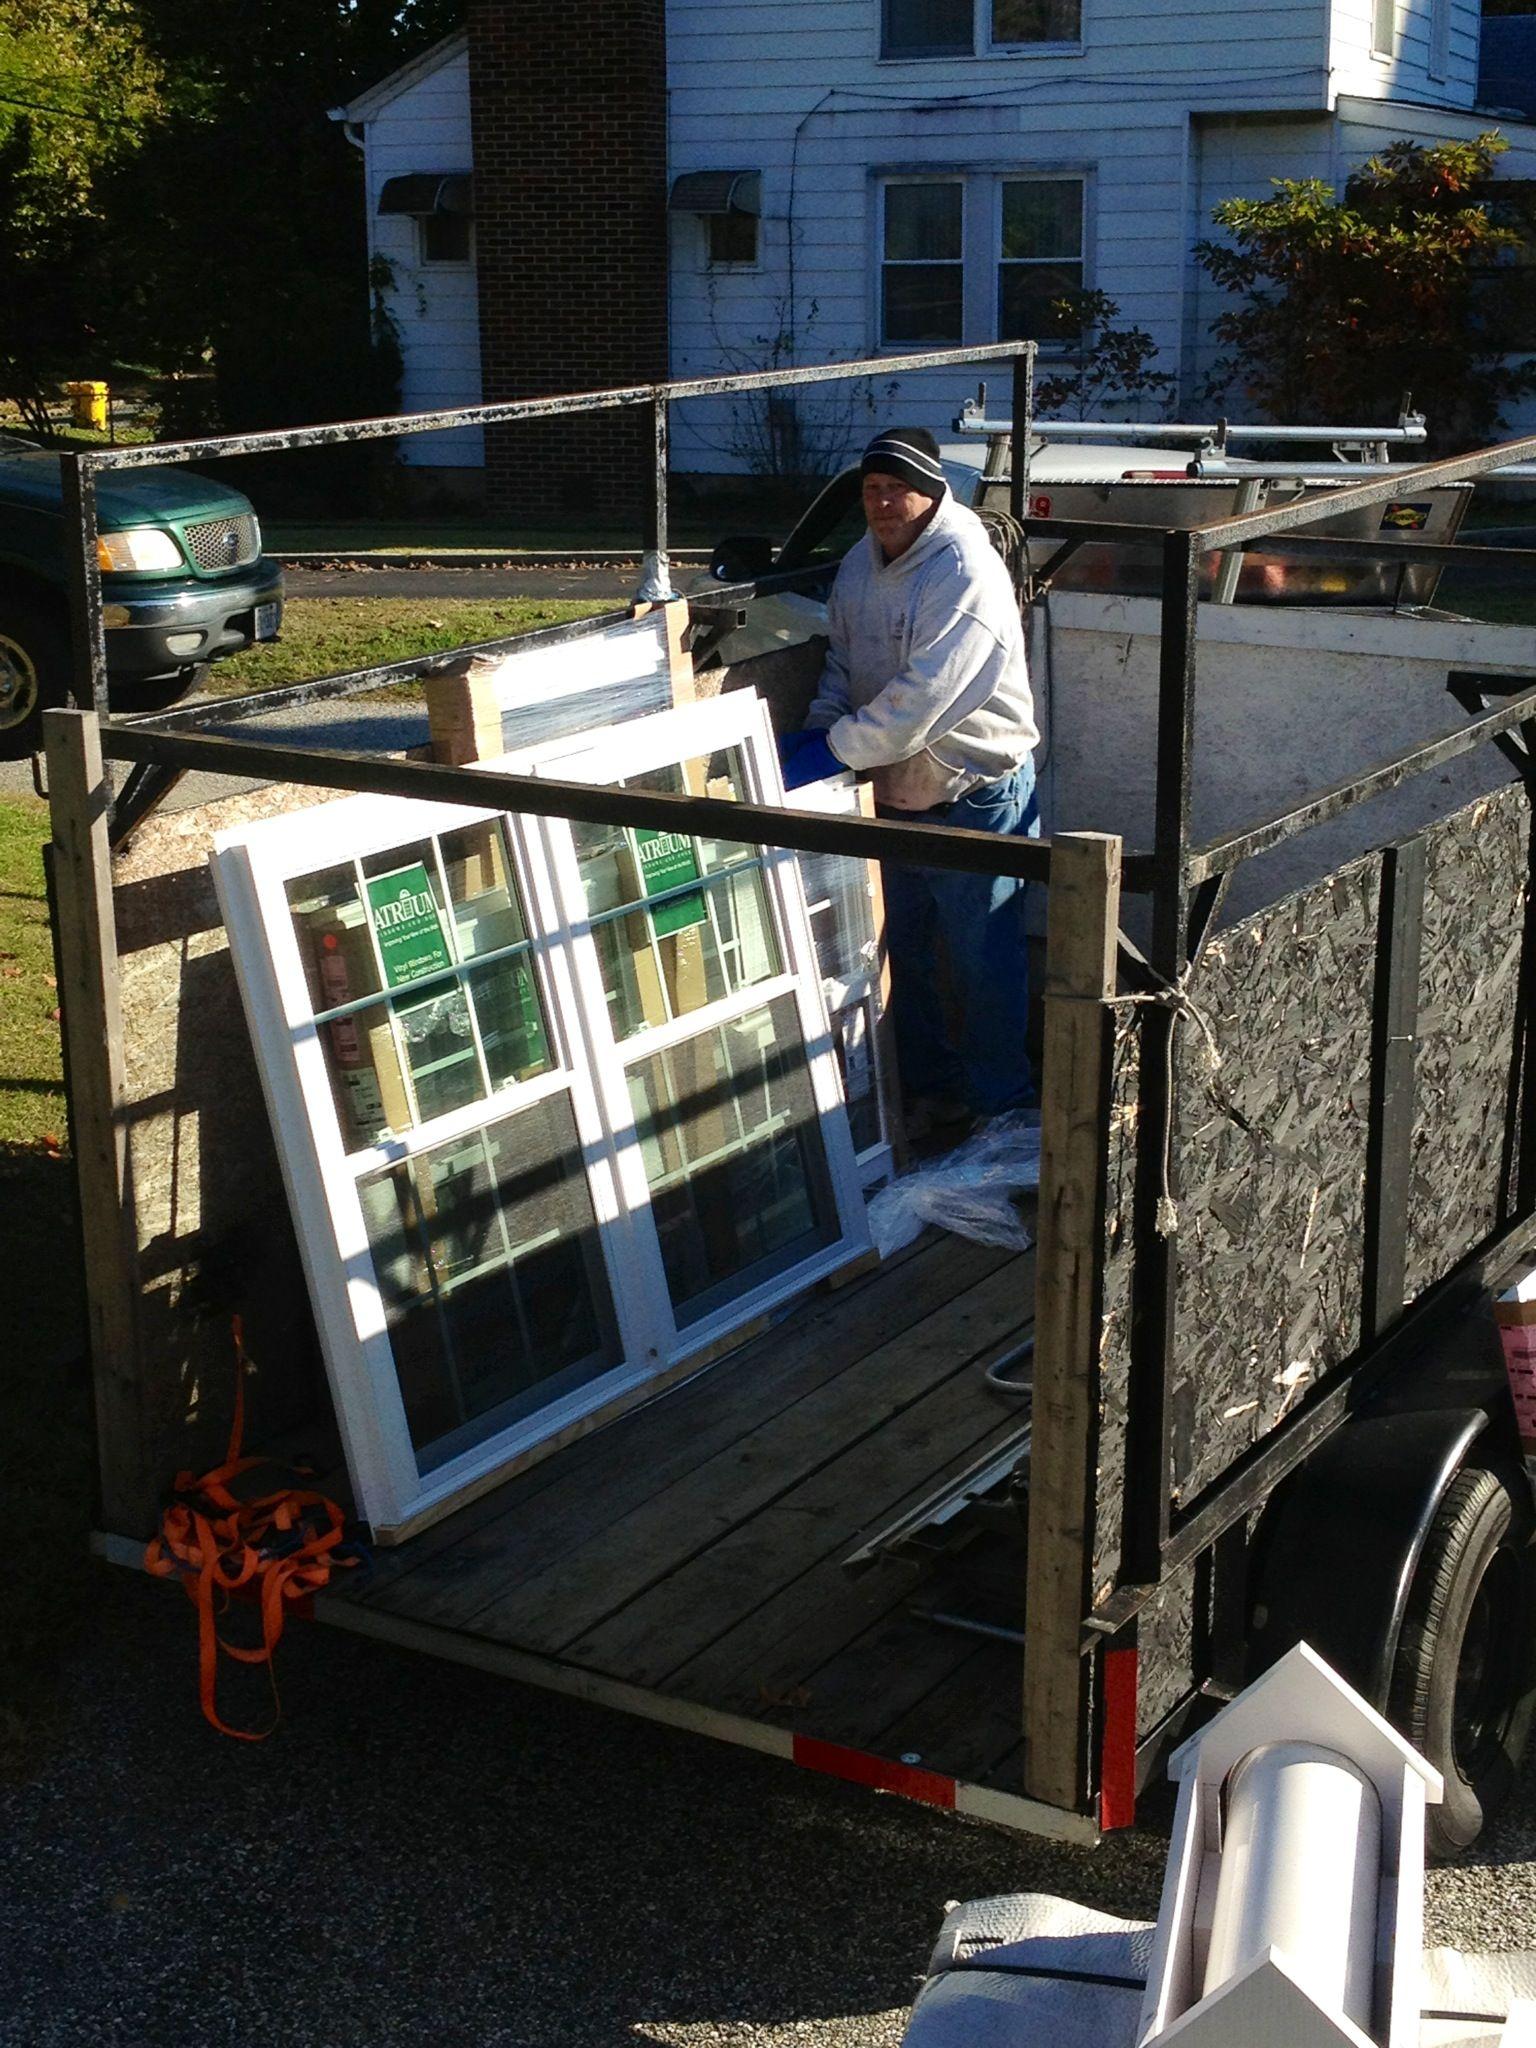 Window Replacement In Arnold Md Atrium Windows Www Talltimbershomes Com Atrium Windows Window Replacement Atrium